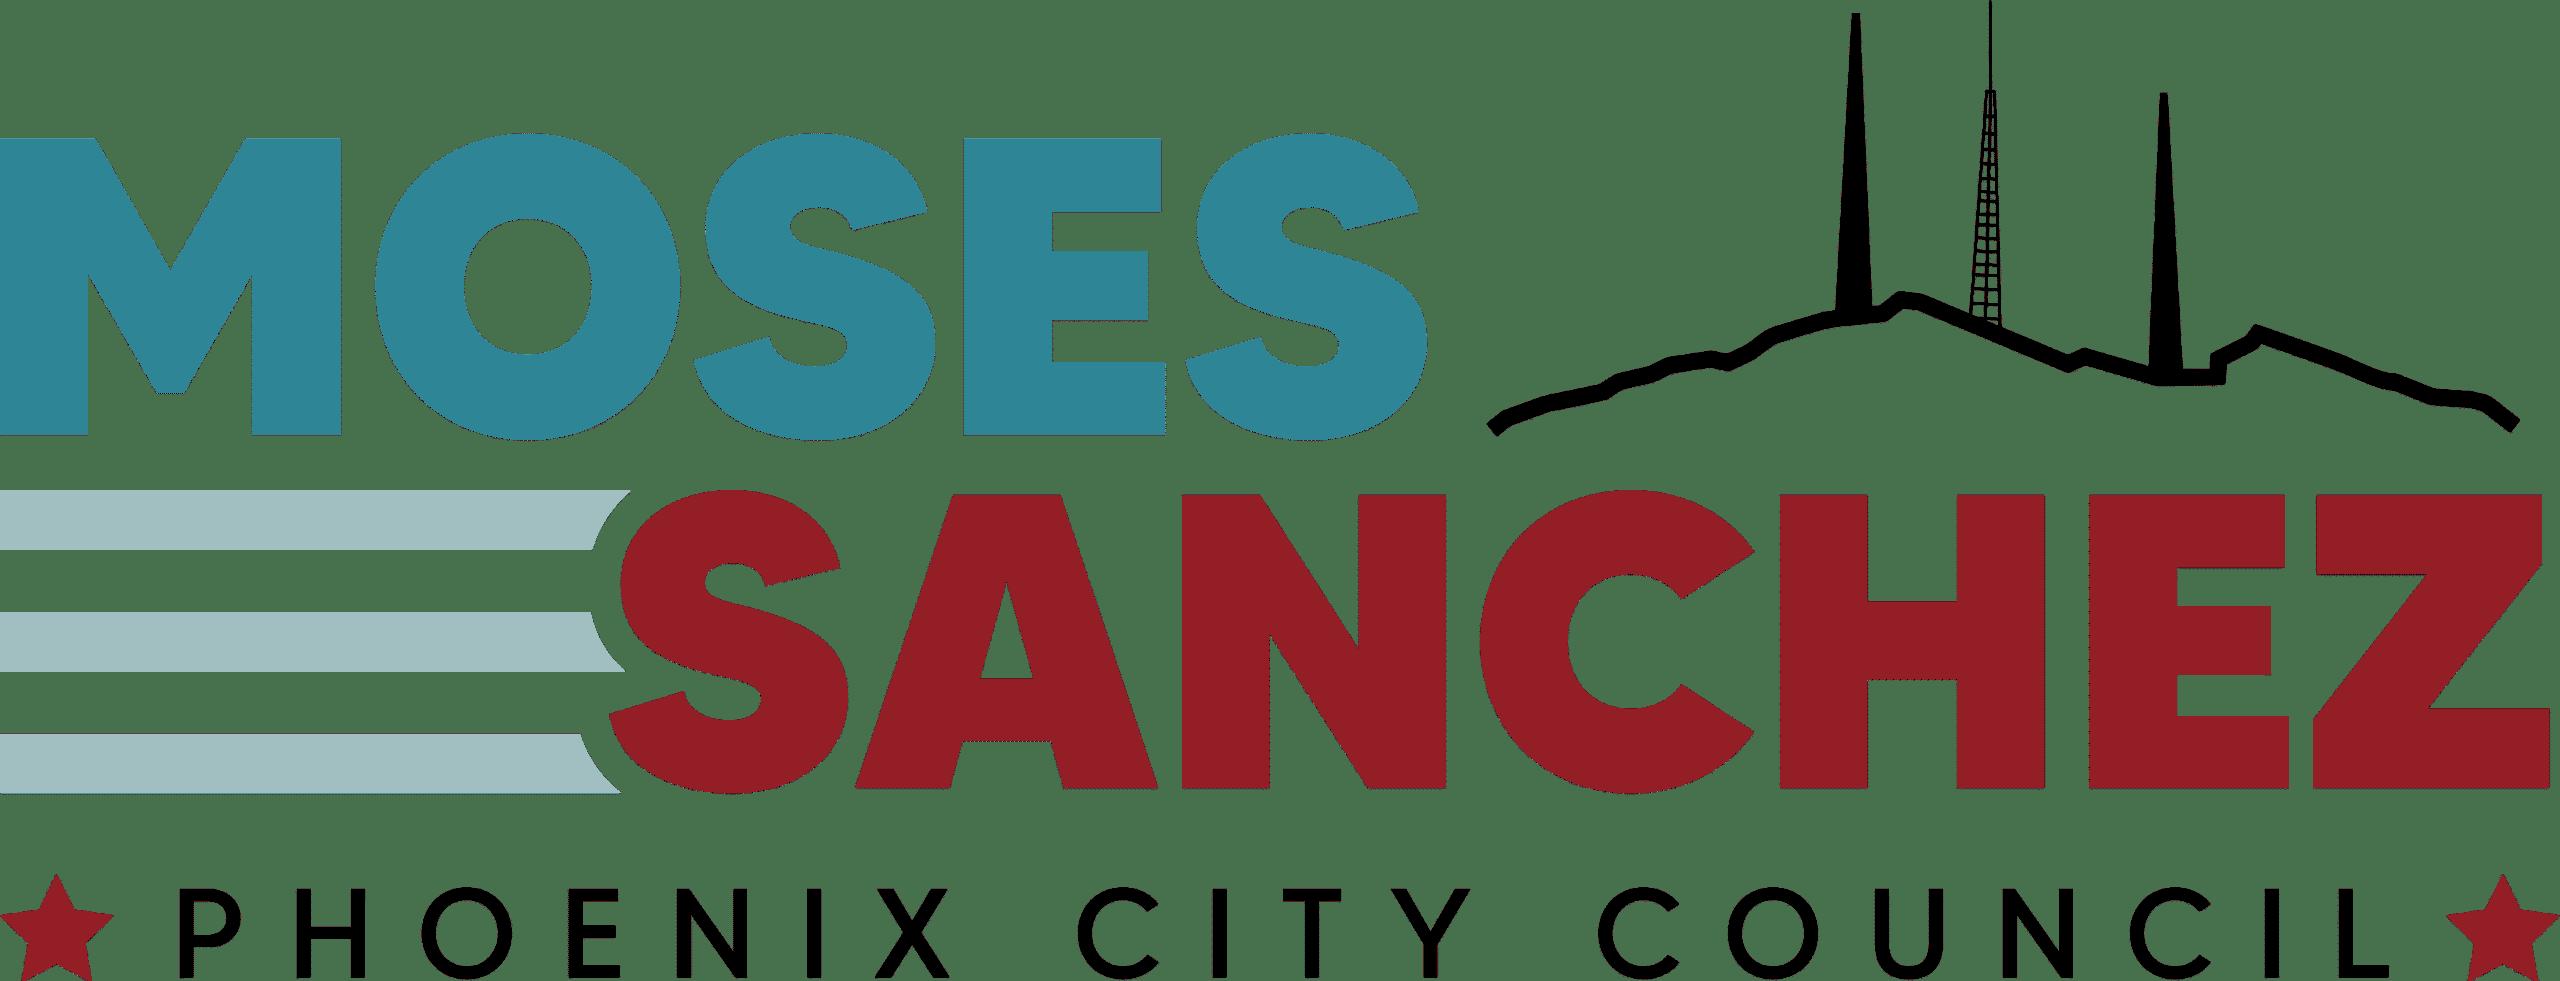 Moses Sanchez